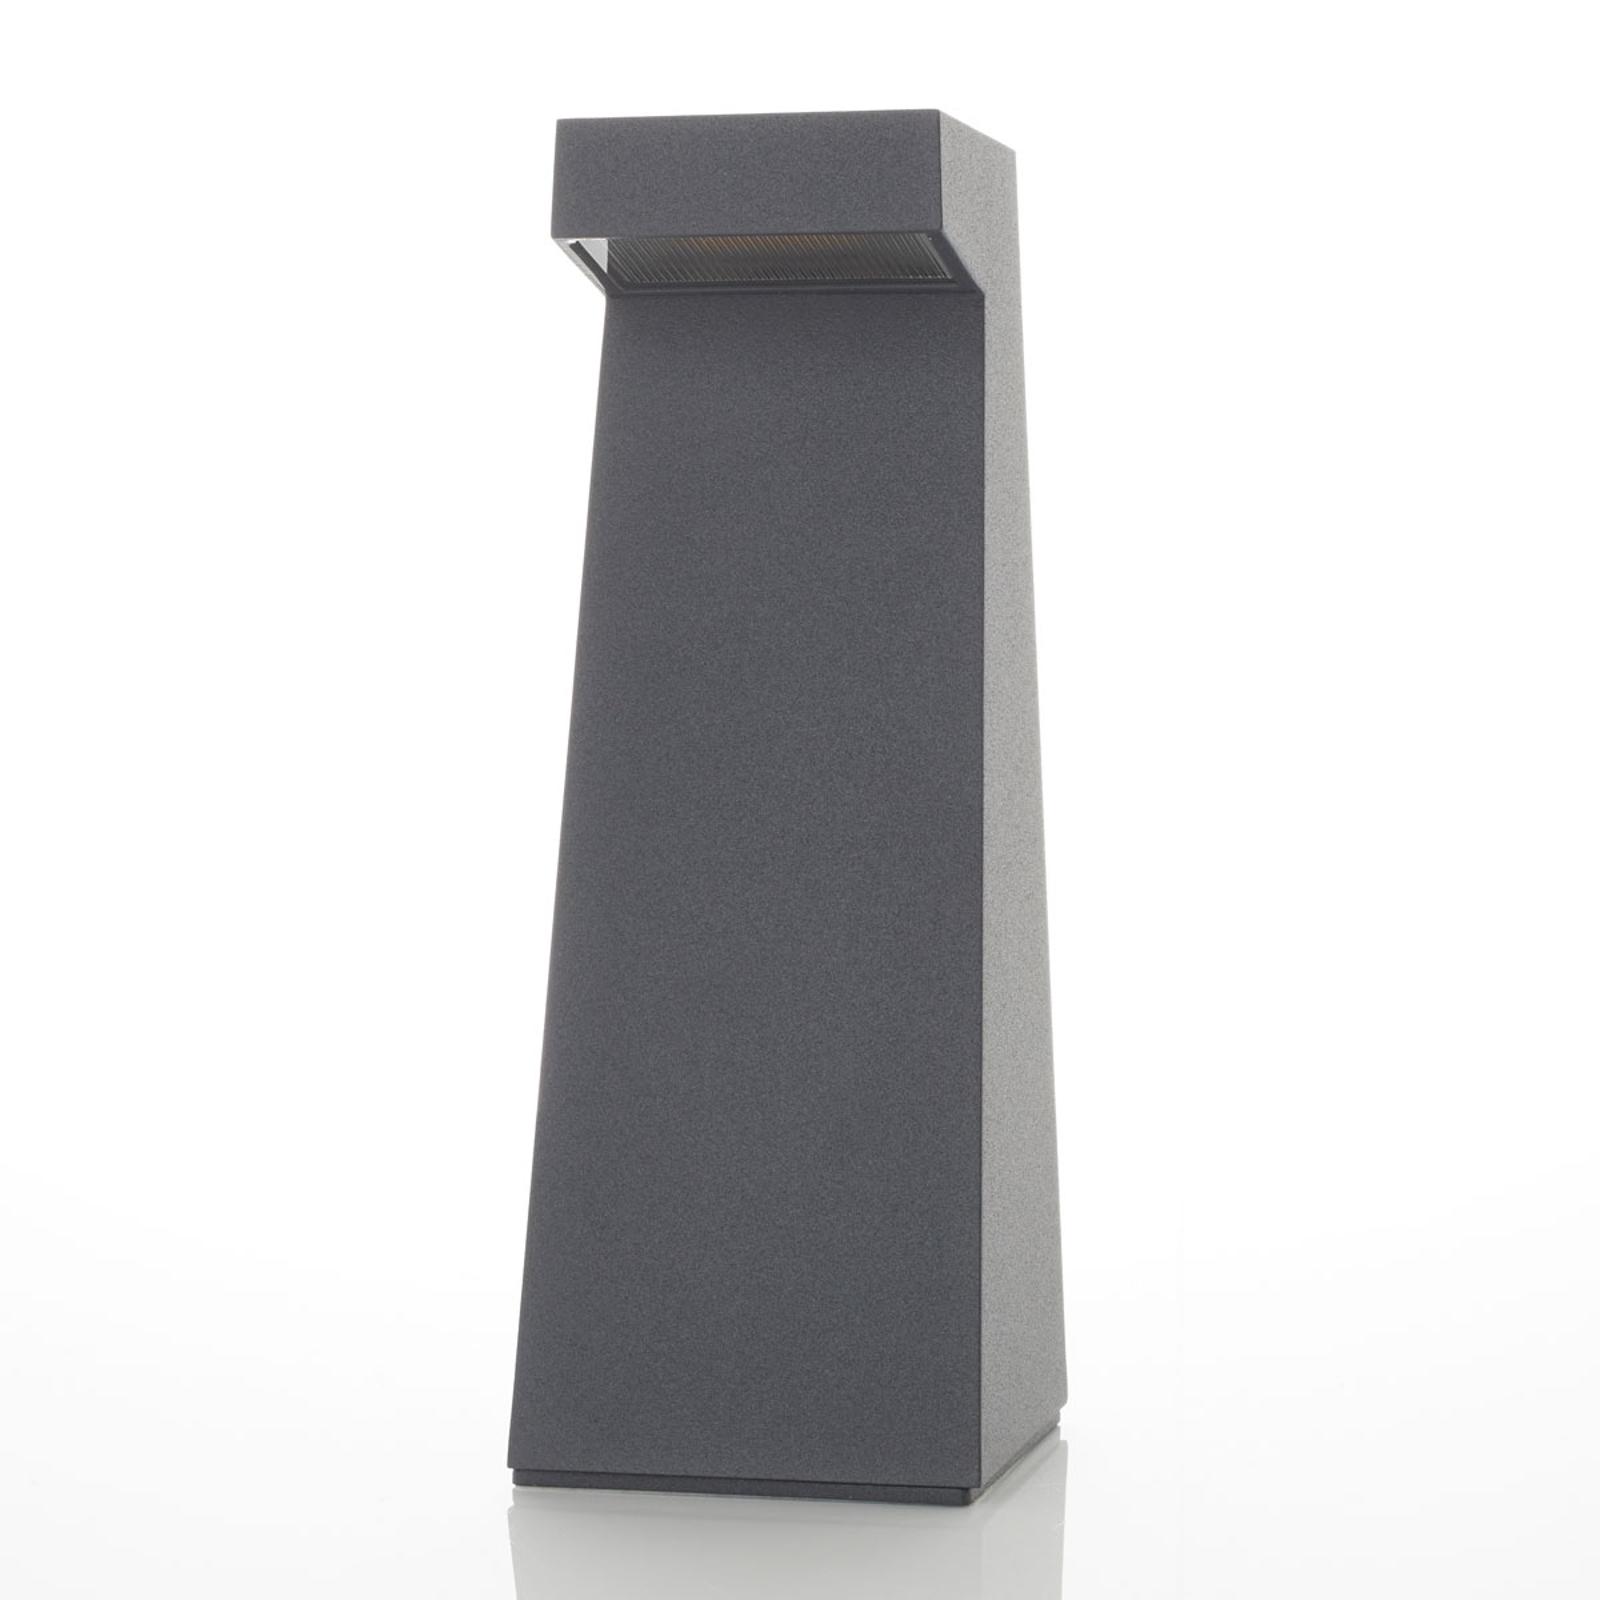 BEGA 84108 - LED-sokkellampe grafitt, 3 000 K